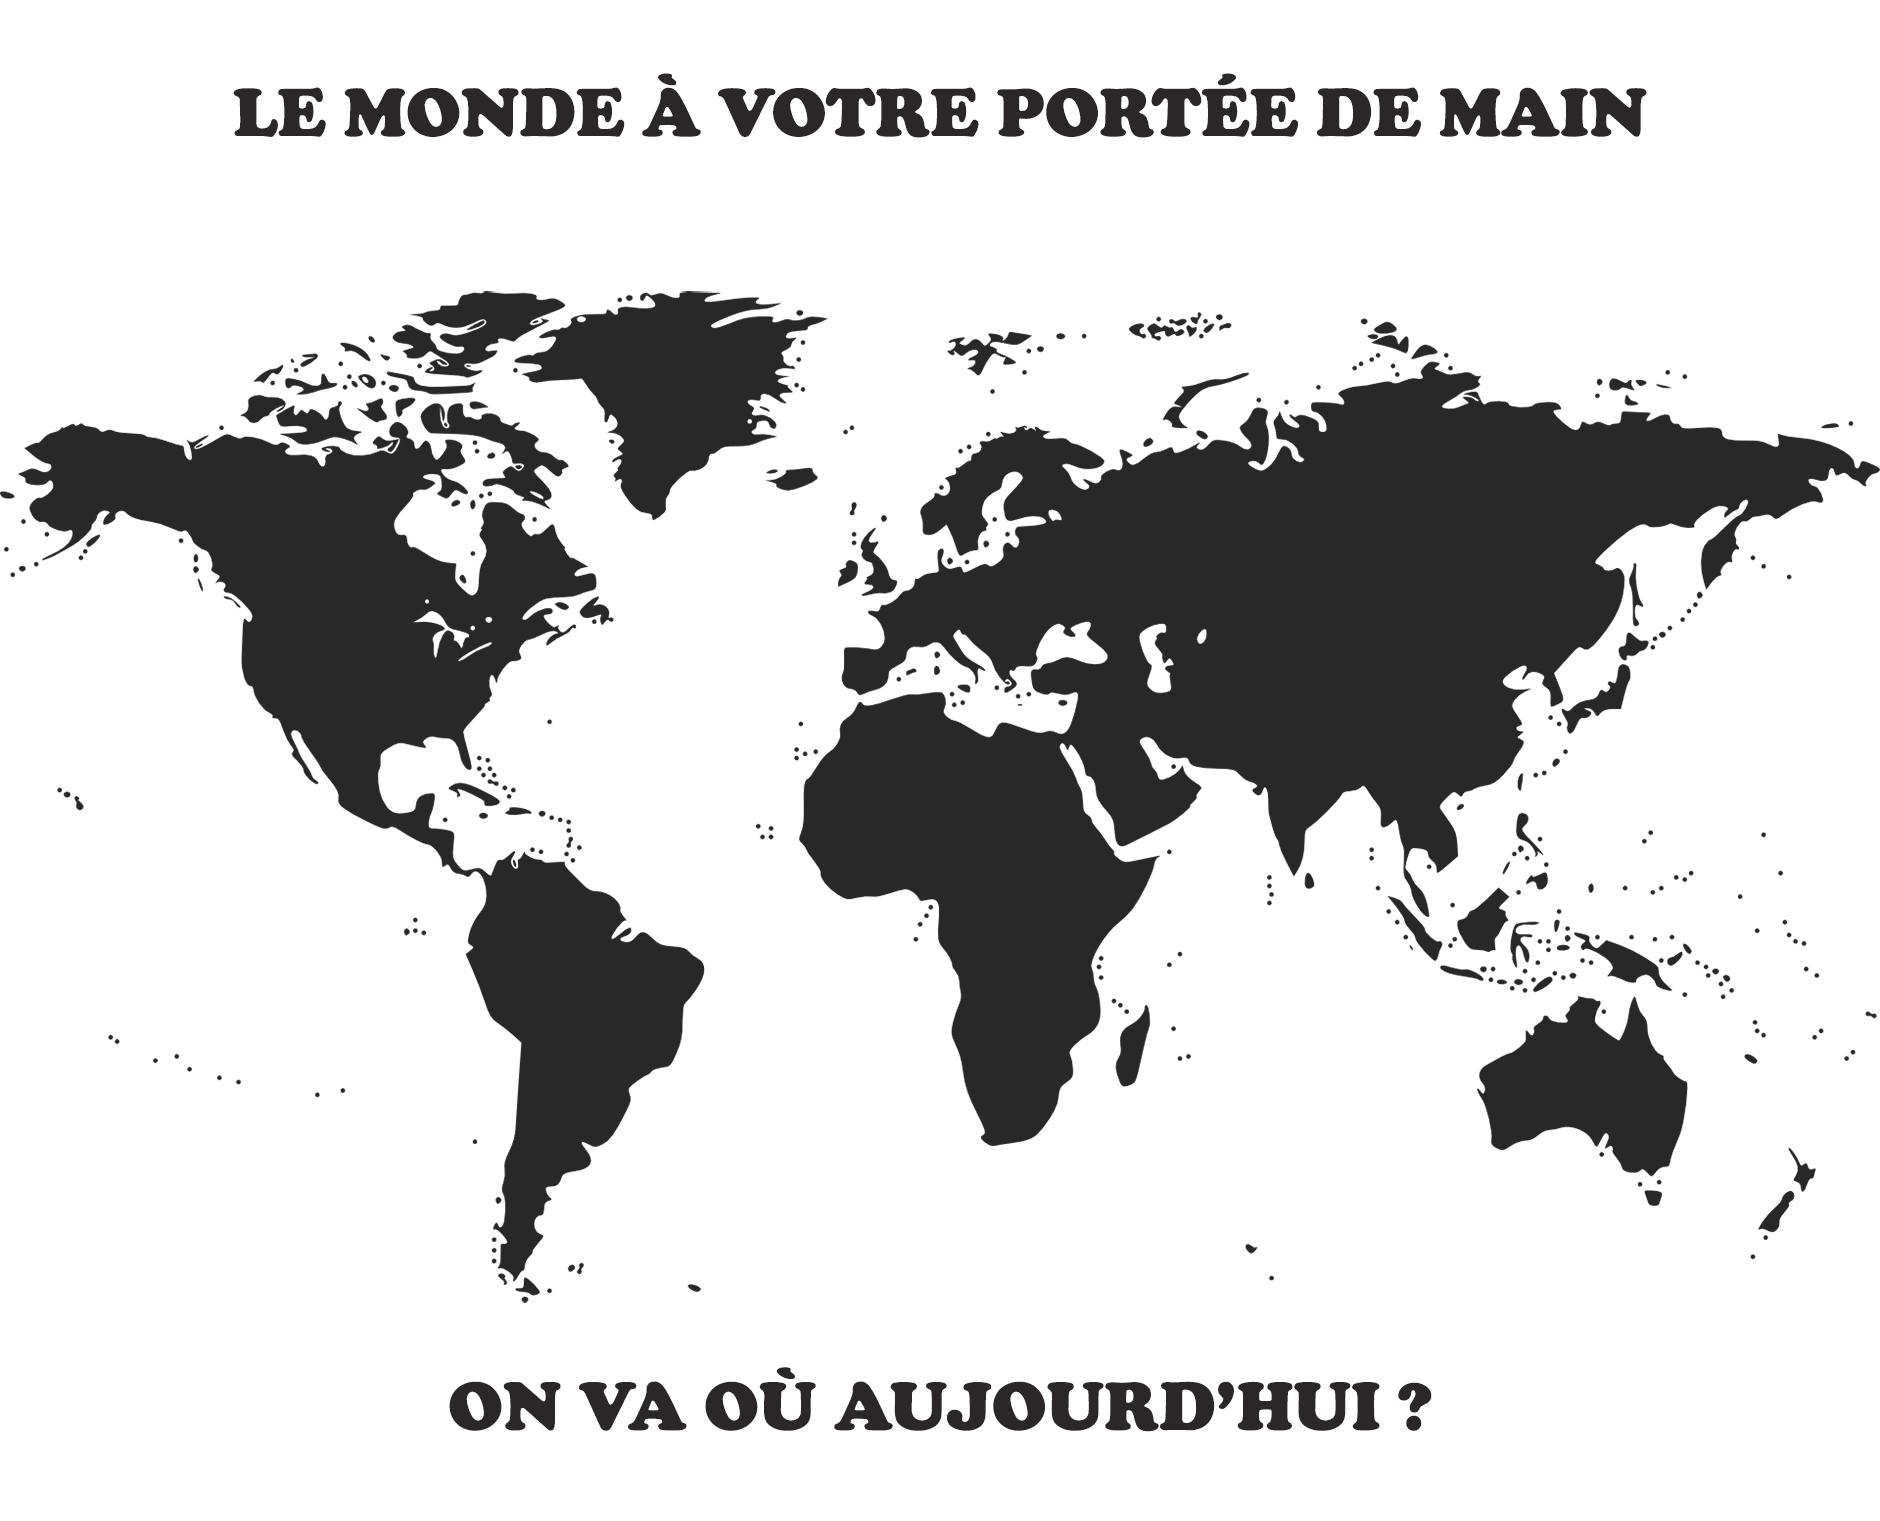 Accueil - Gps, Cartes, Accessoires & Guides De Voyage - Aux serapportantà Les 4 Point Cardinaux